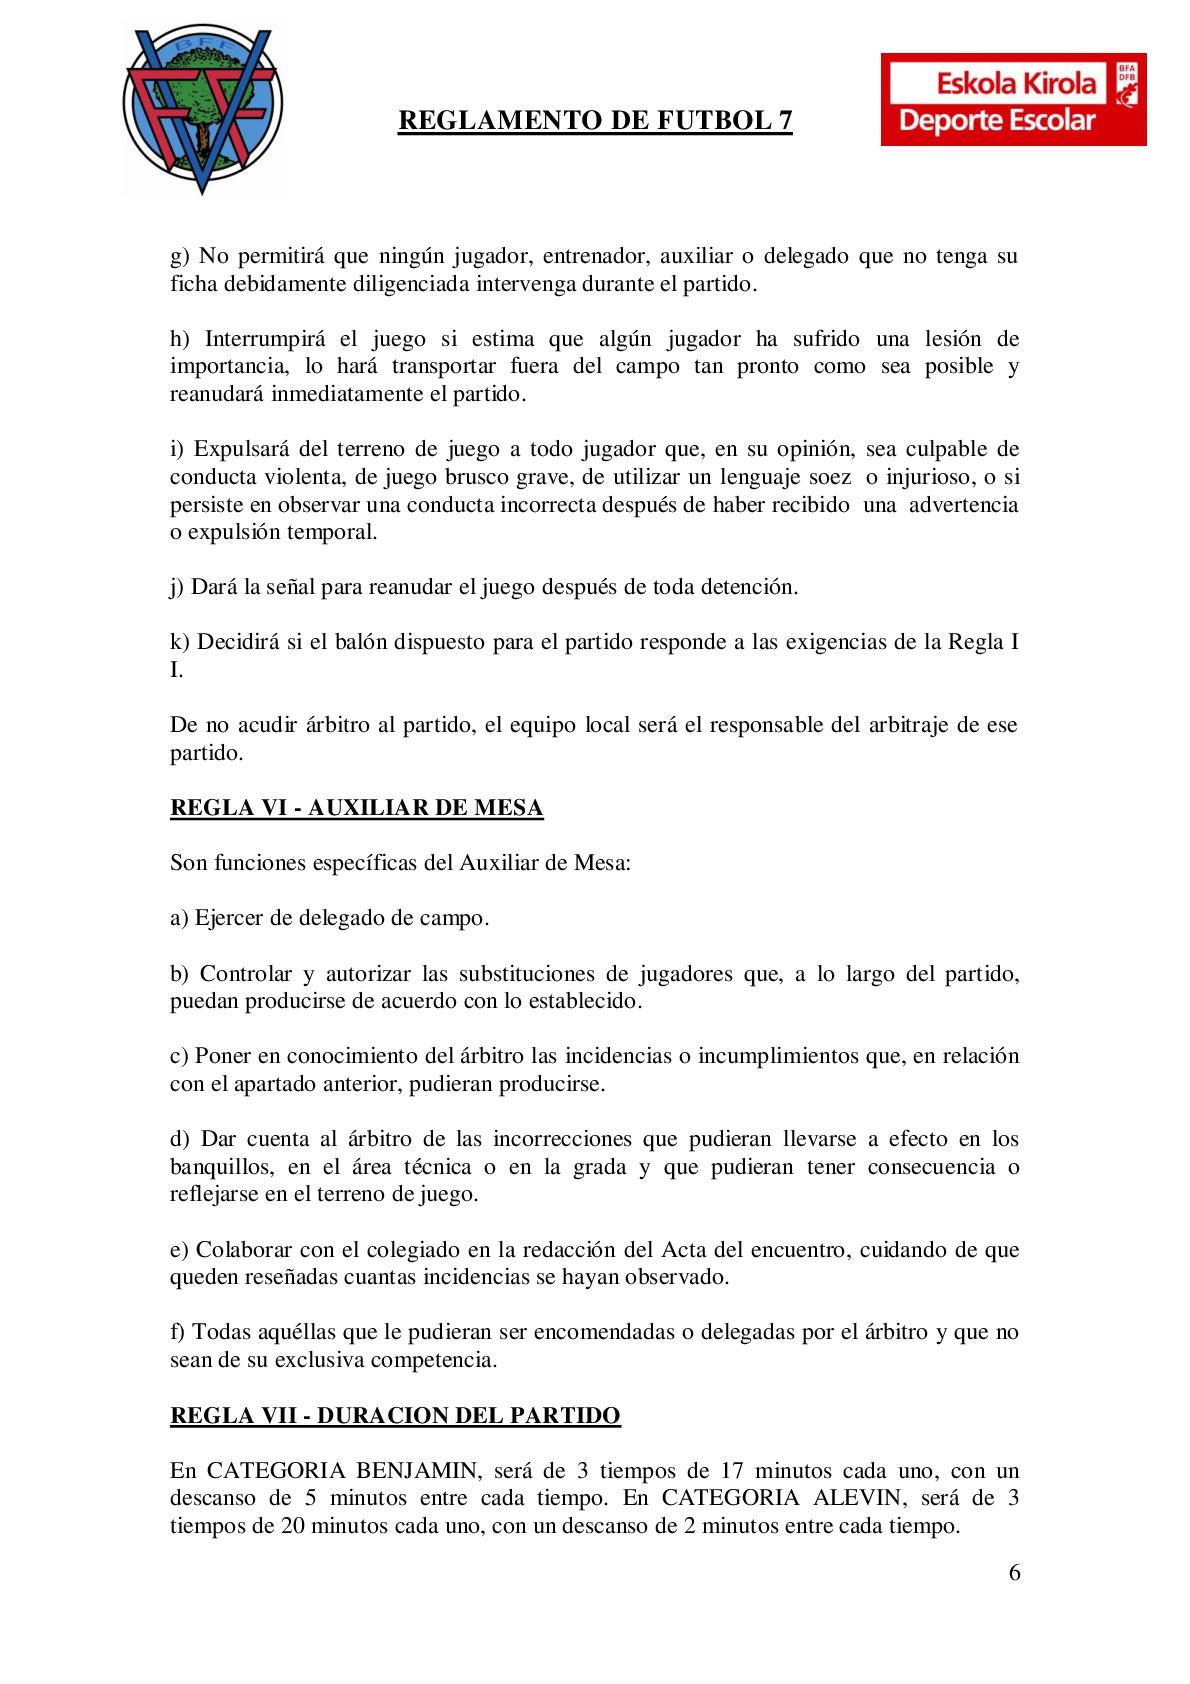 Reglamento-F7-006